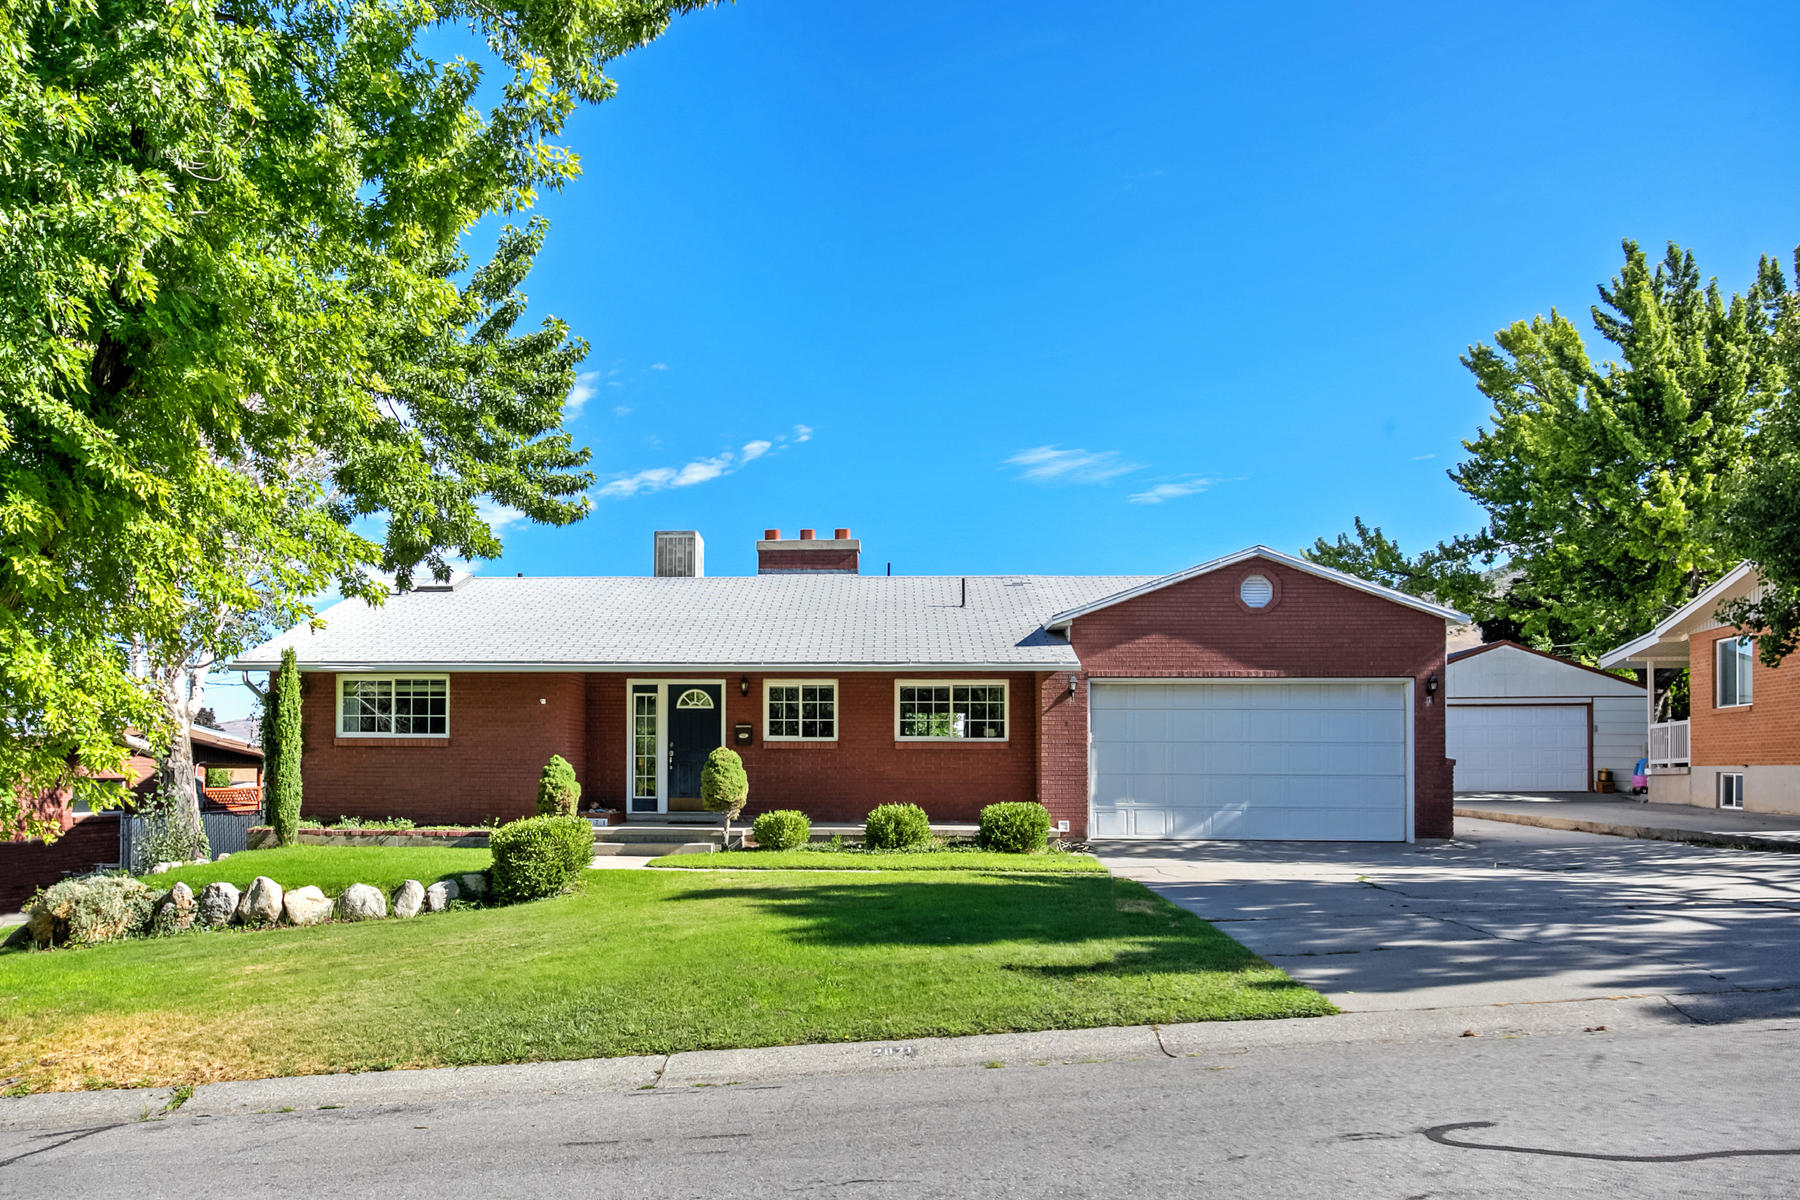 단독 가정 주택 용 매매 에 Millcreek Spacious Rambler 2871 East 3400 South Salt Lake City, 유타, 84109 미국